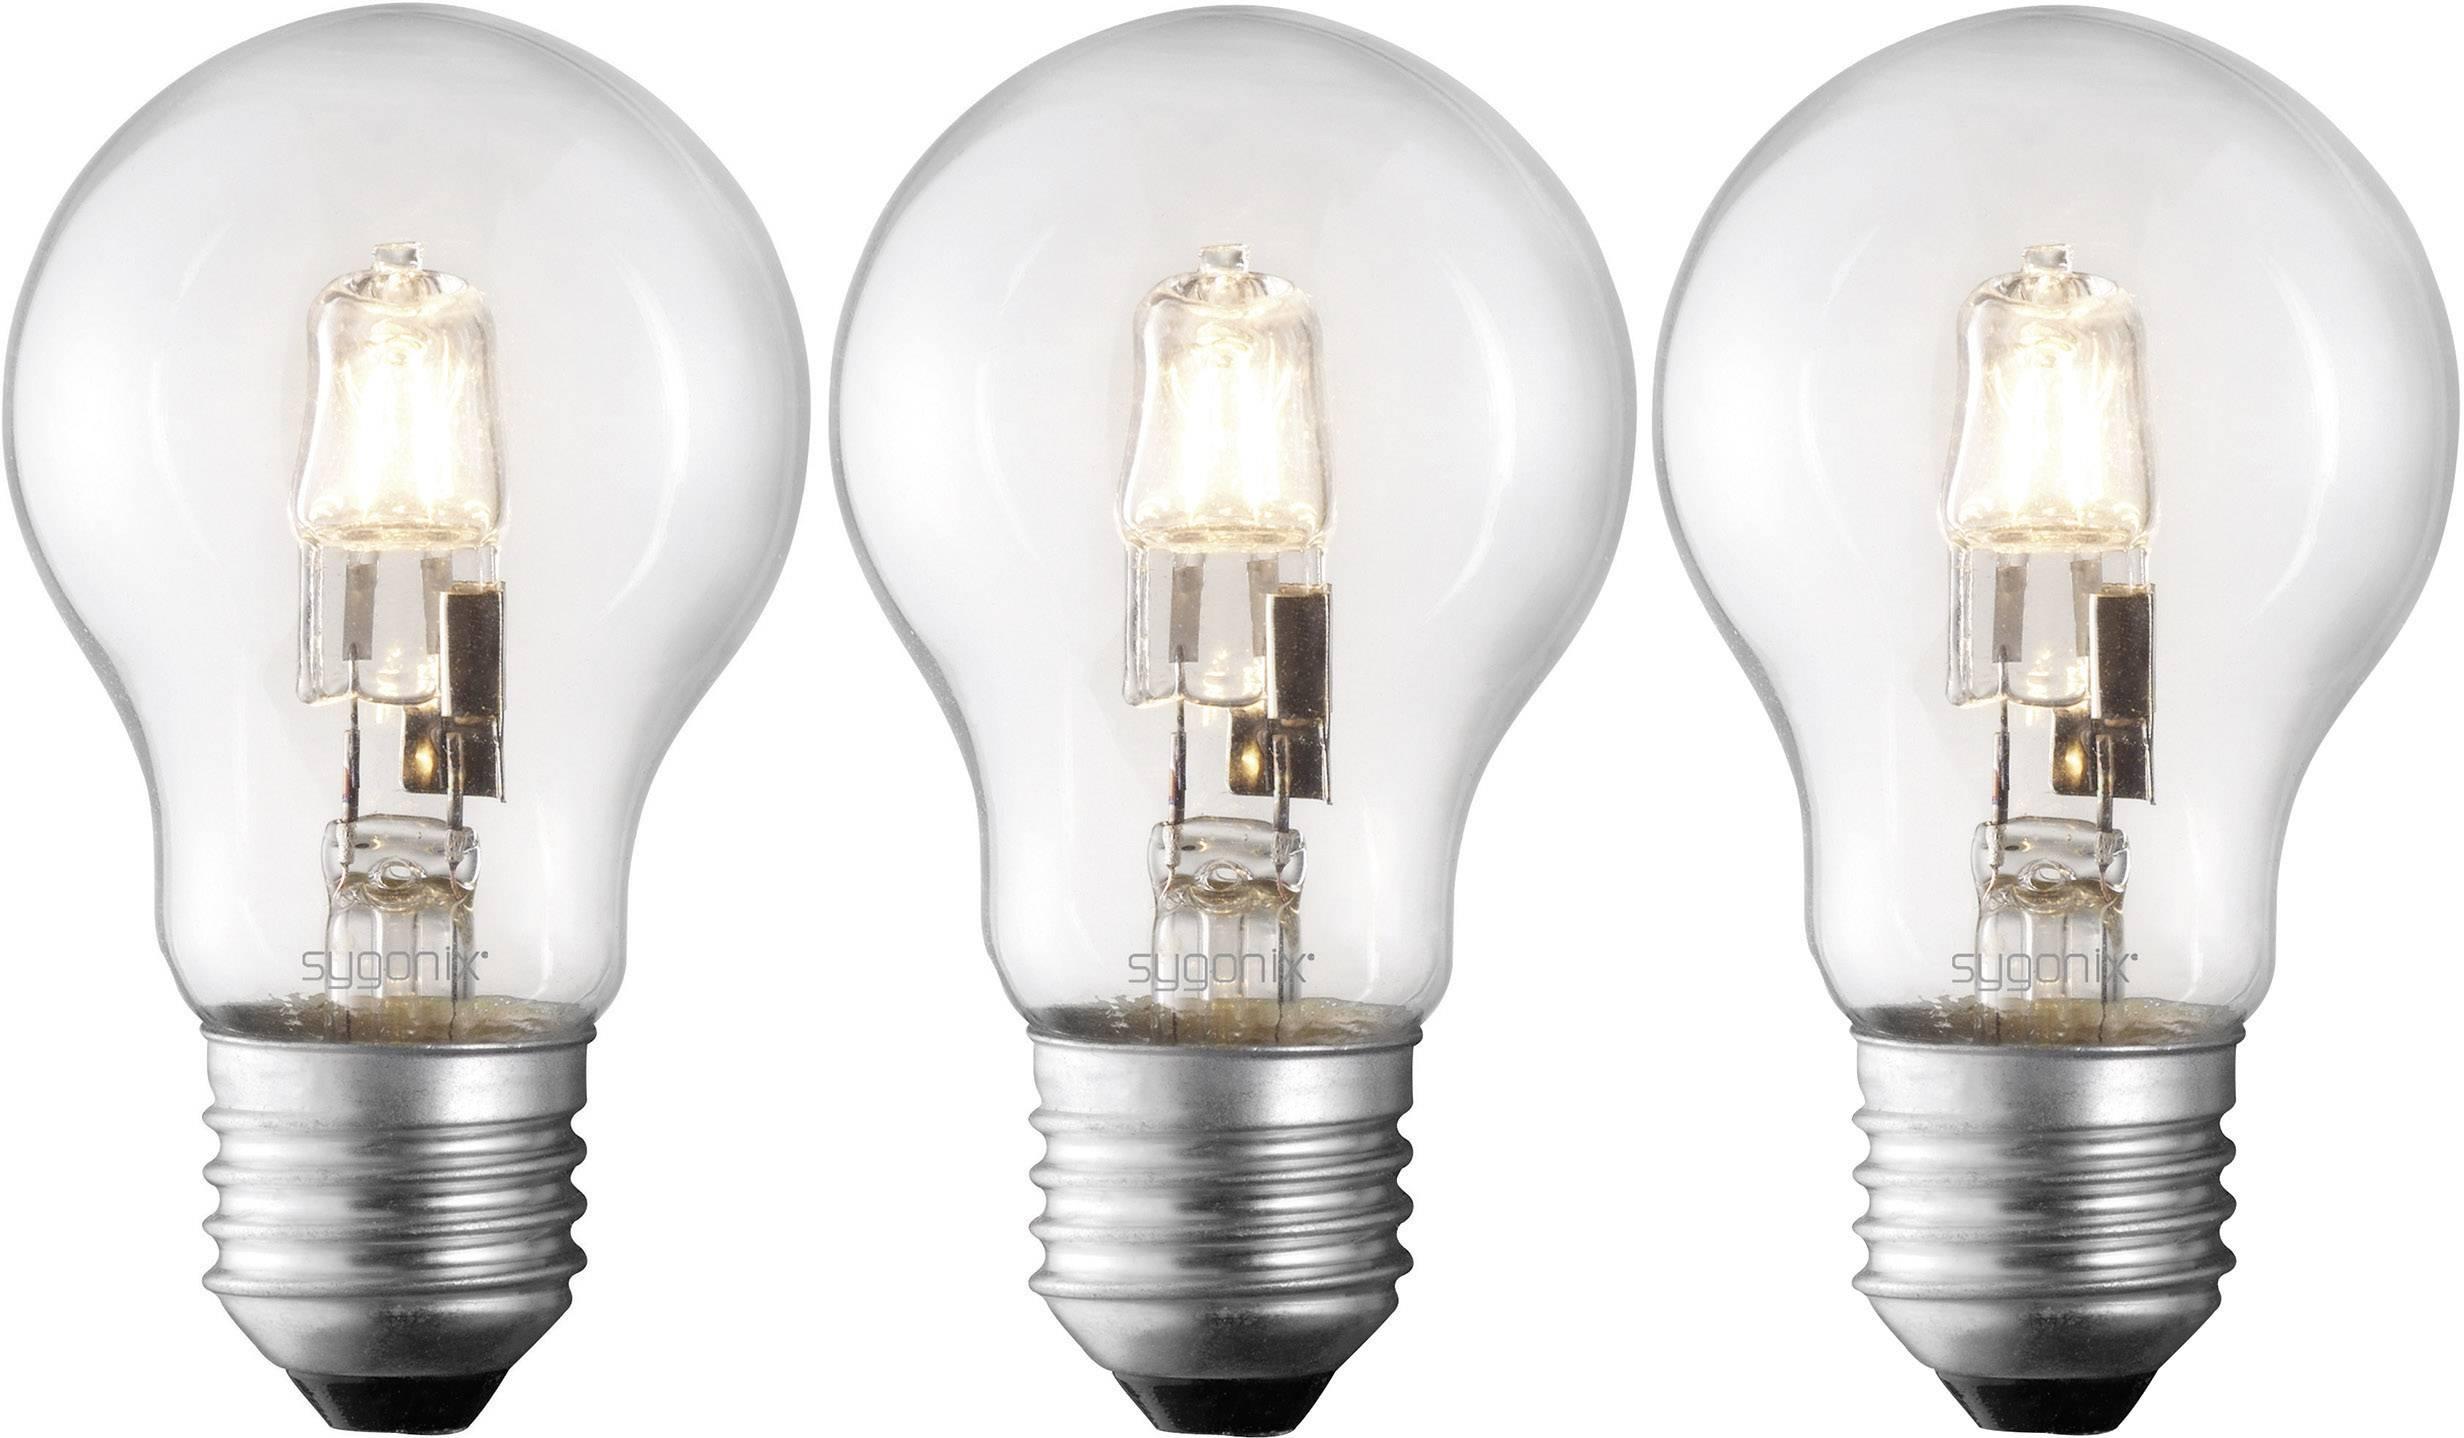 ECO halogénová žiarovka Sygonix 230 V, E27, 70 W, en.trieda: C, teplá biela, 3 ks